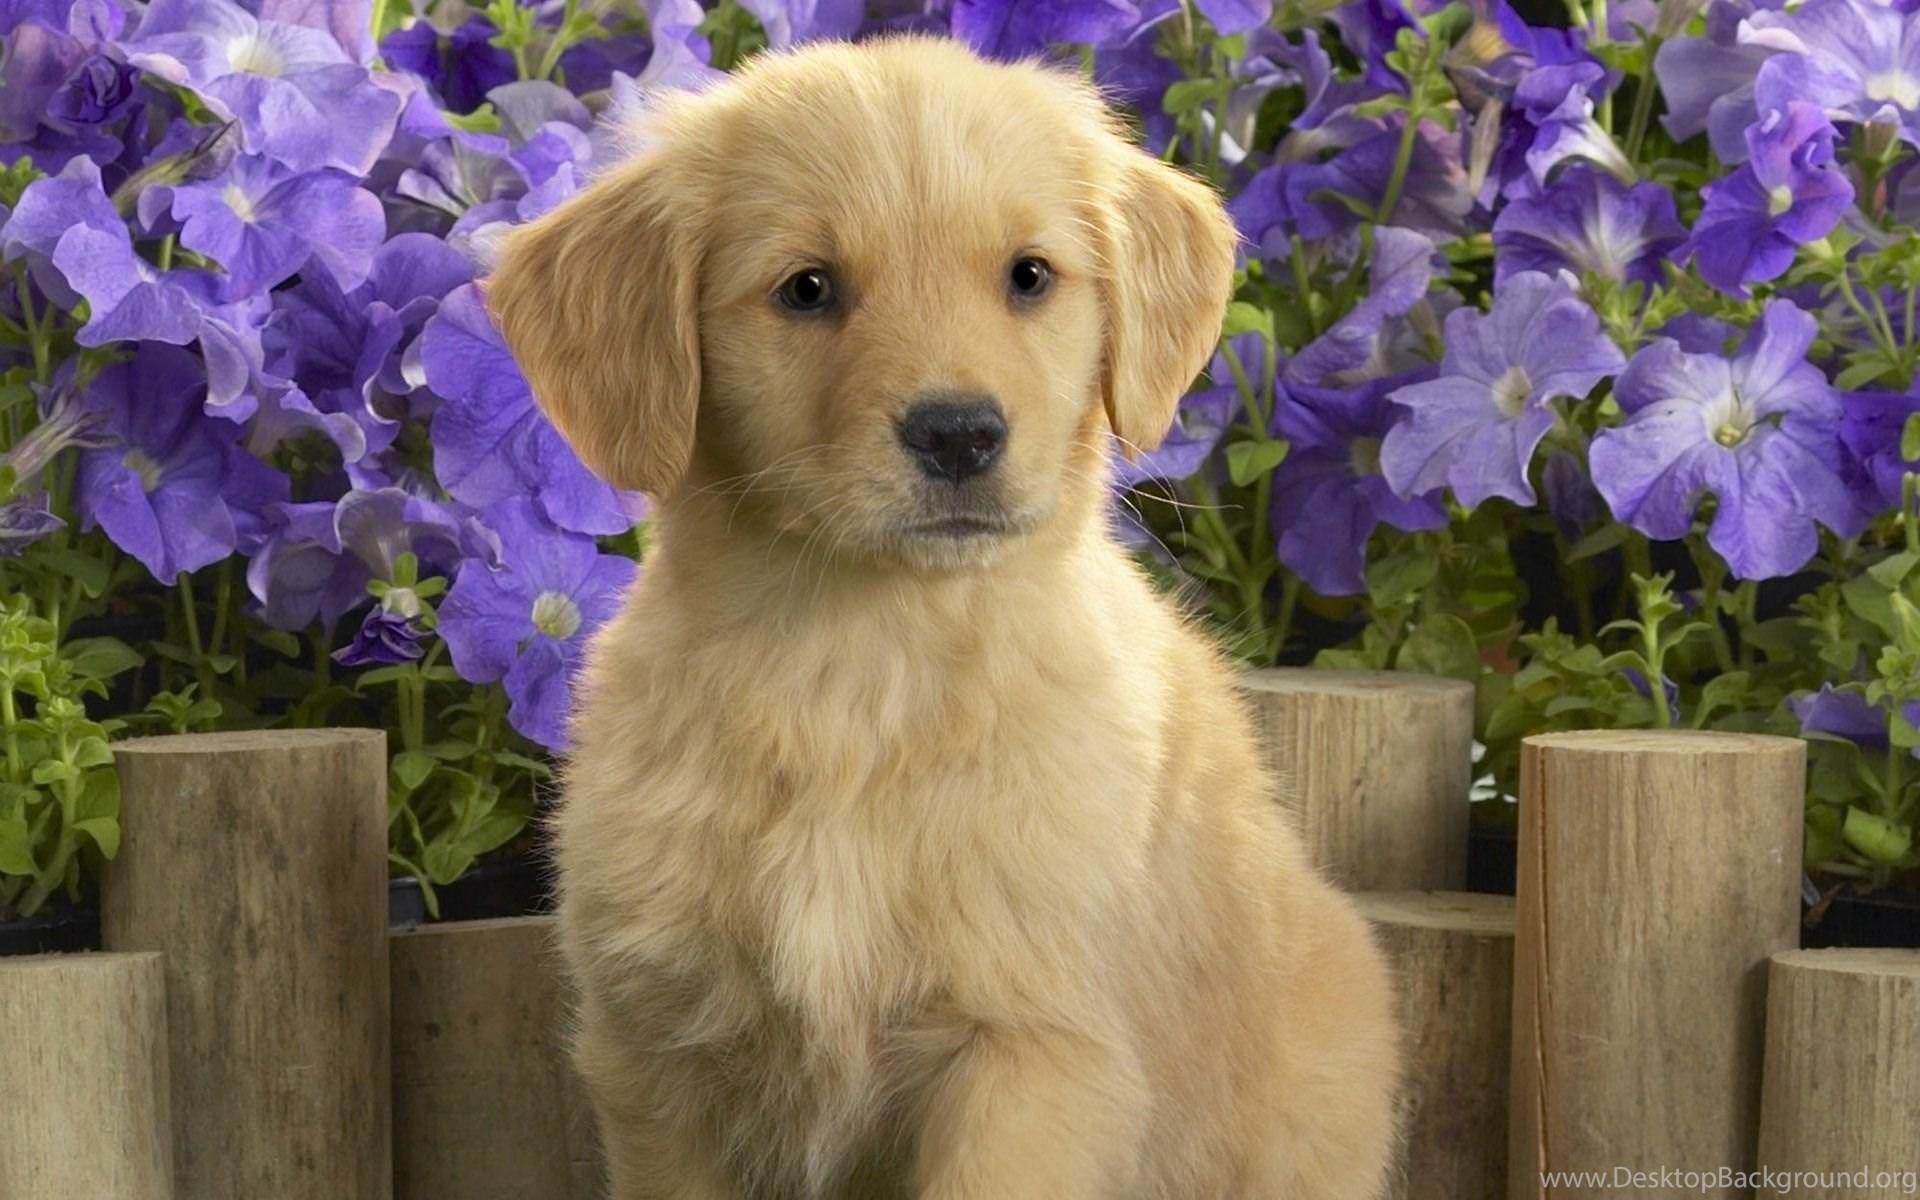 Cute Dog Wallpapers Widescreen For Desktop Backgrounds Ndemok Com Desktop Background